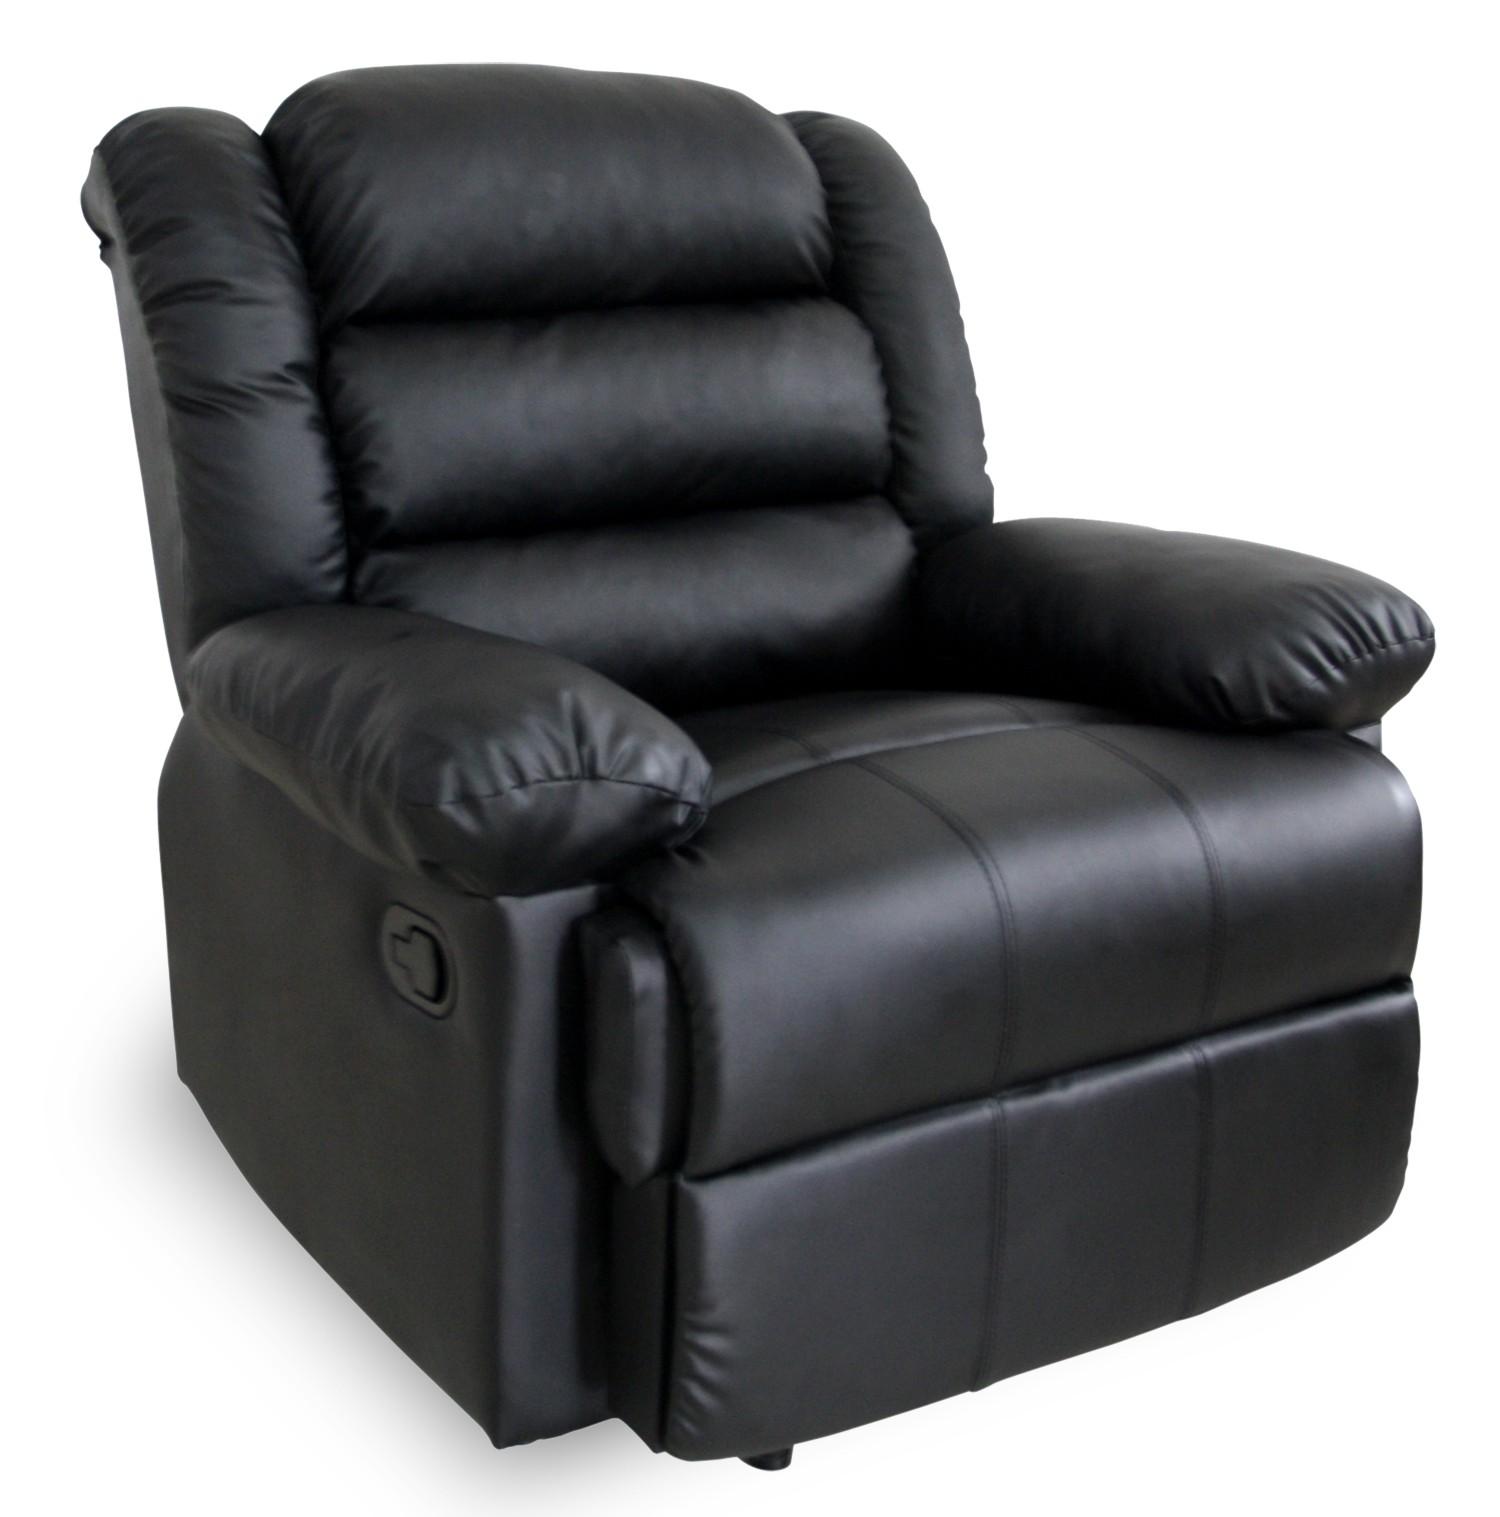 fauteuil de relaxation manuel norton noir. Black Bedroom Furniture Sets. Home Design Ideas